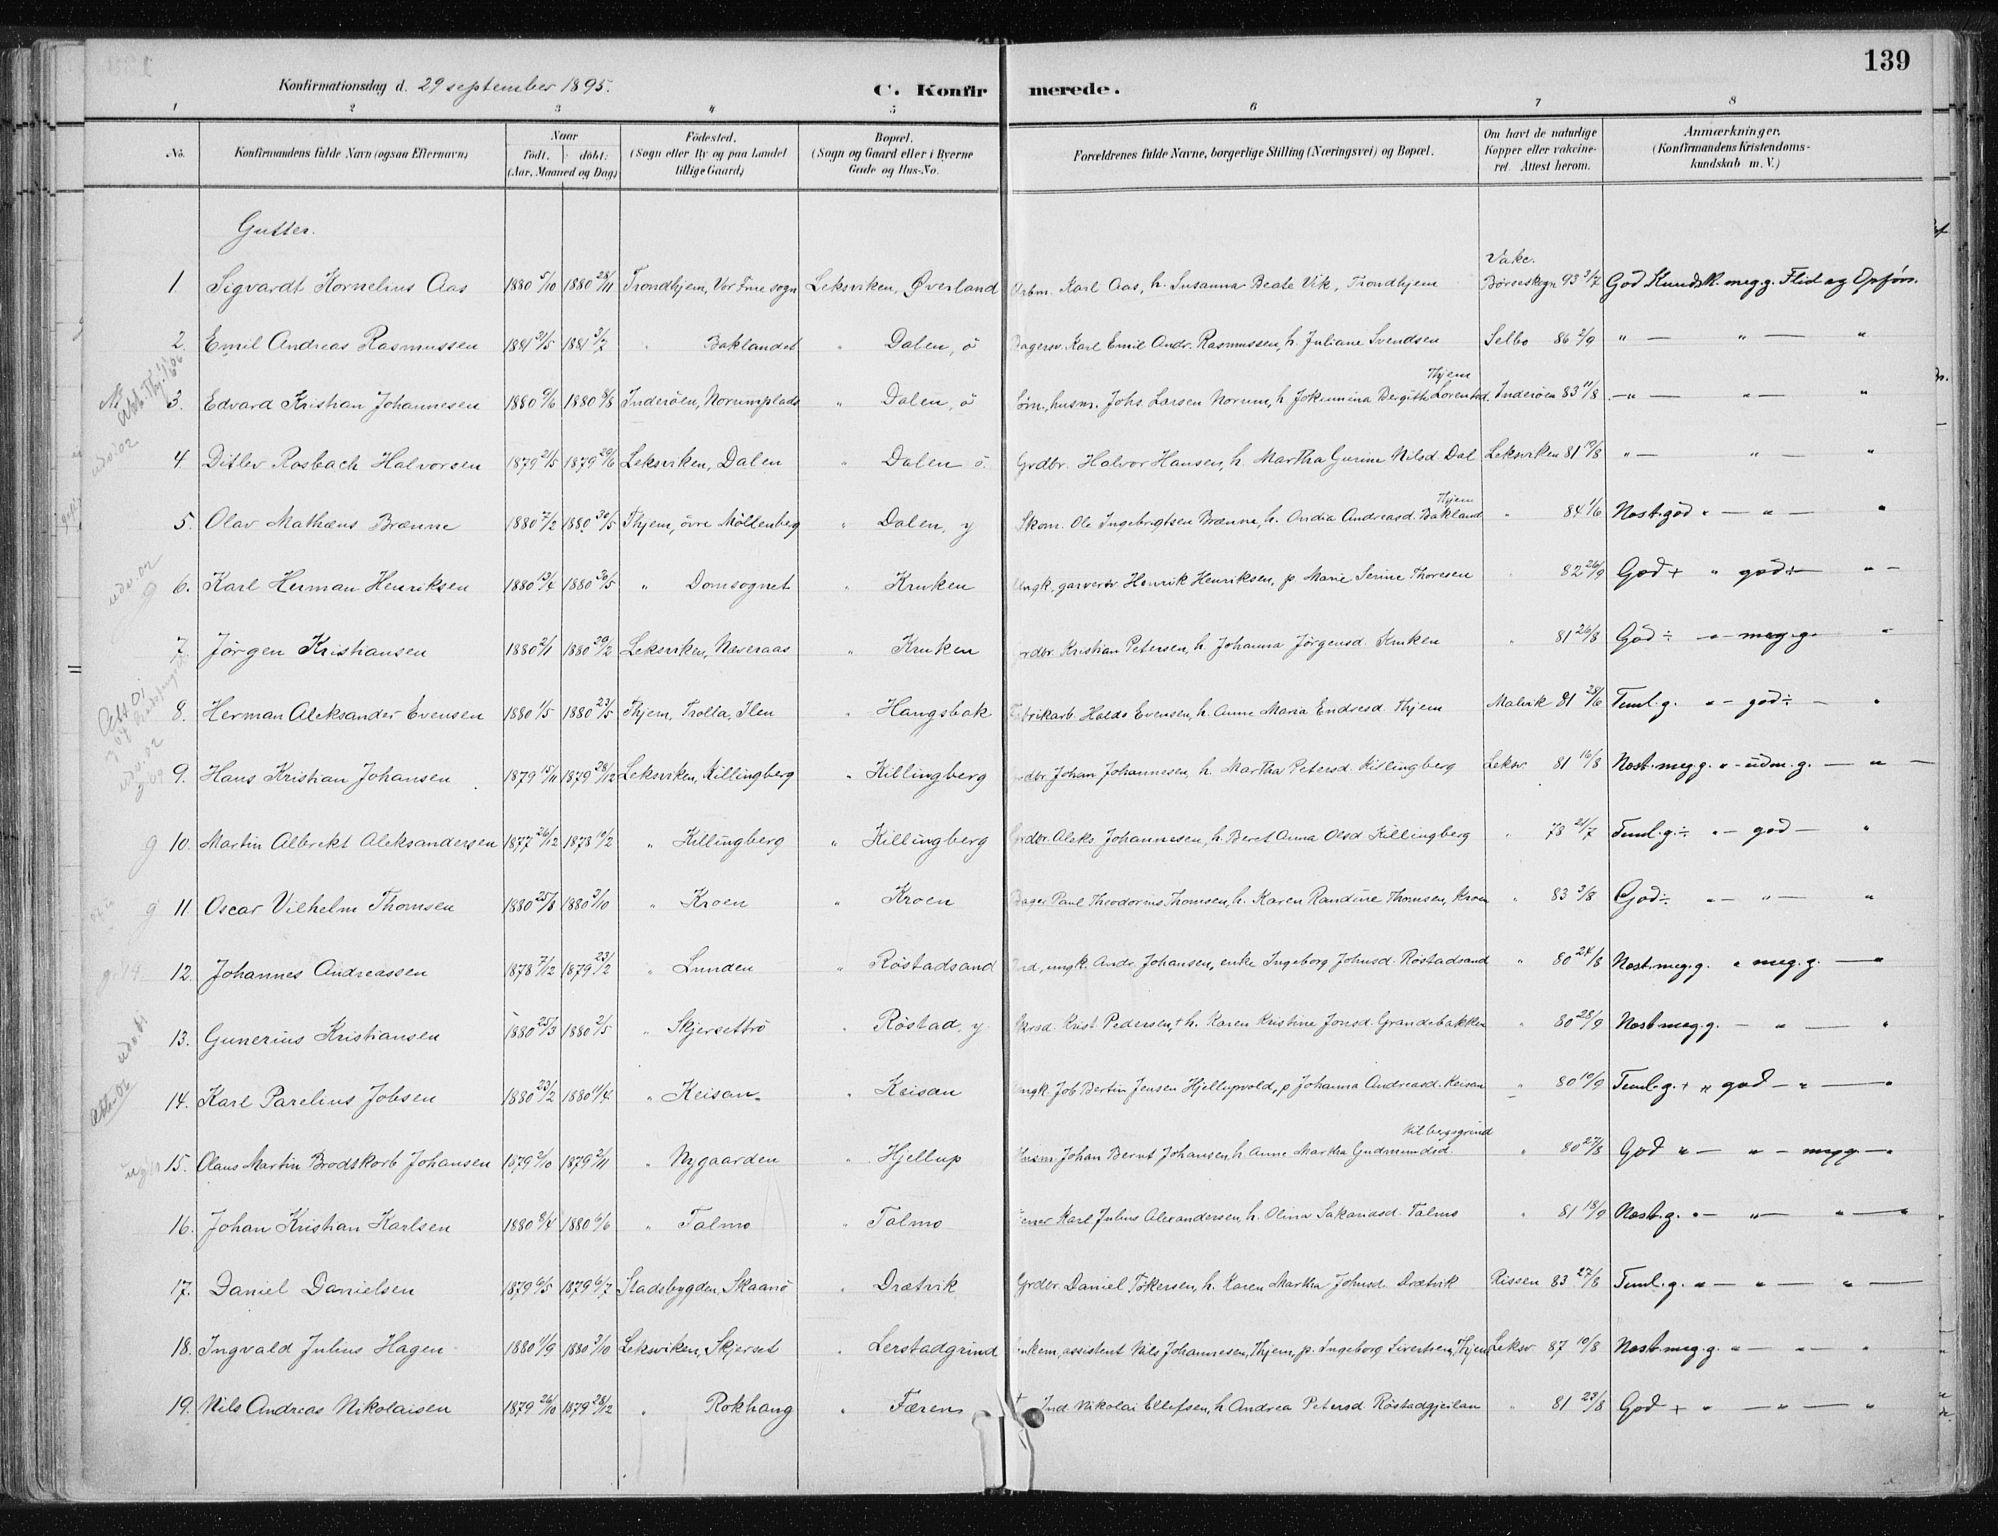 SAT, Ministerialprotokoller, klokkerbøker og fødselsregistre - Nord-Trøndelag, 701/L0010: Ministerialbok nr. 701A10, 1883-1899, s. 139